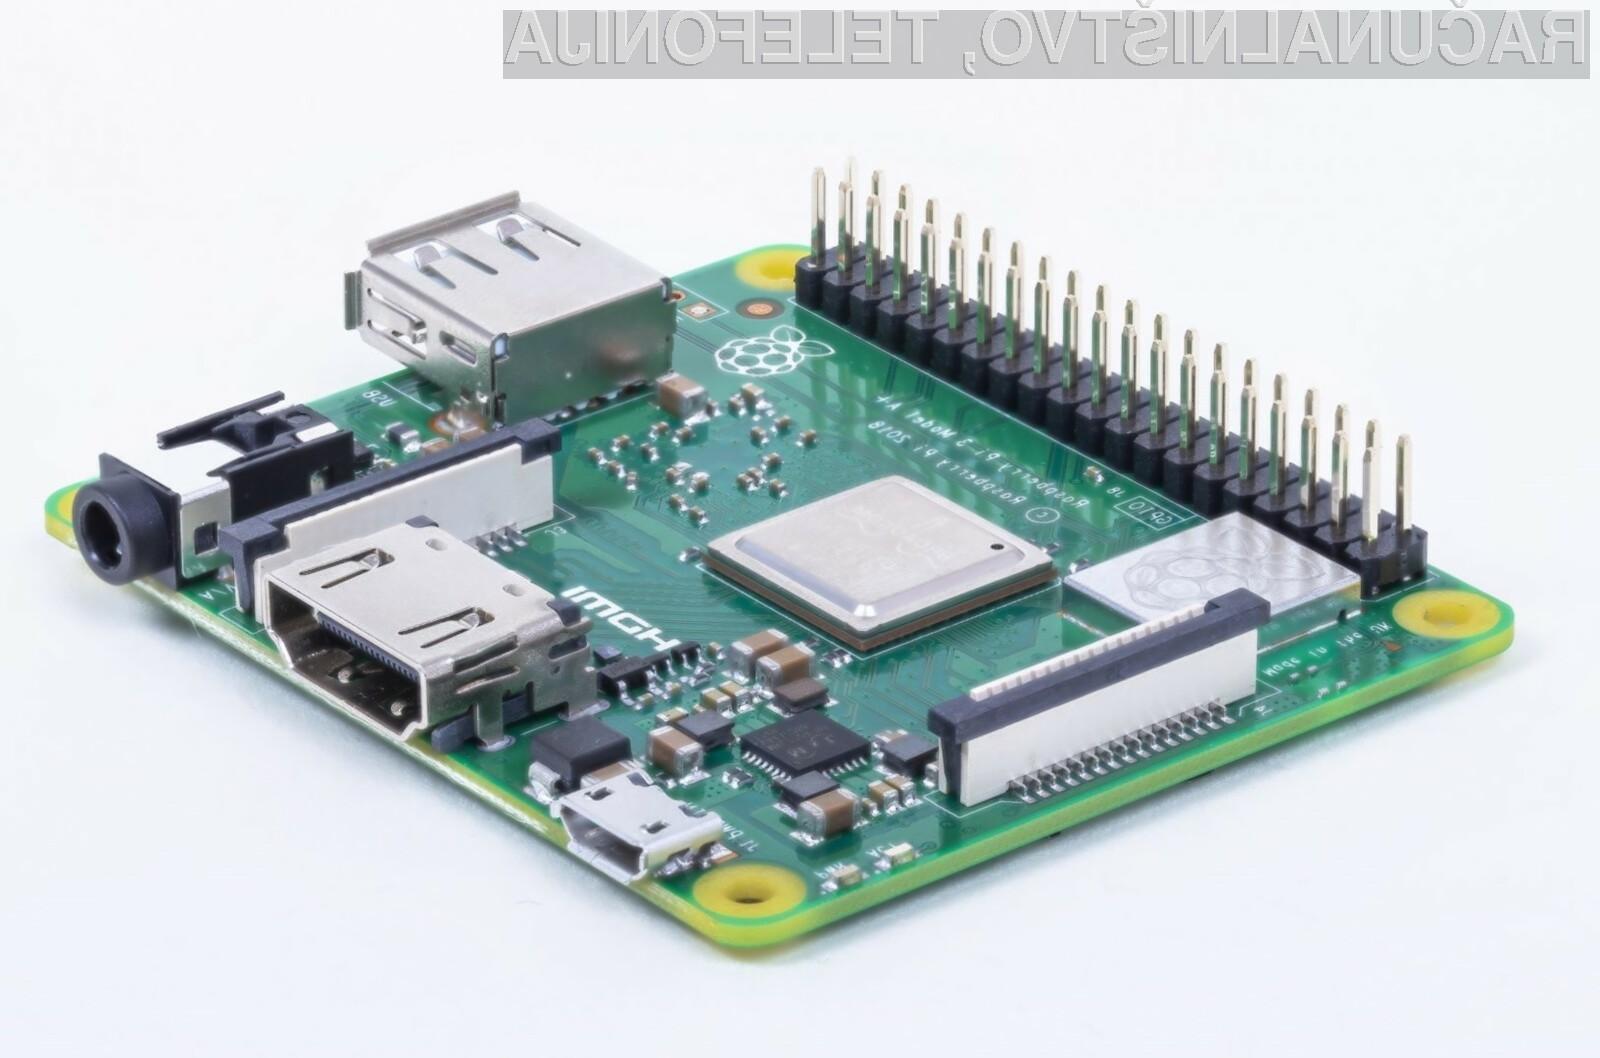 Kompaktni računalnik Raspberry Pi 3 Model A+ je nekoliko manjši, a znatno cenejši od predhodnikov.